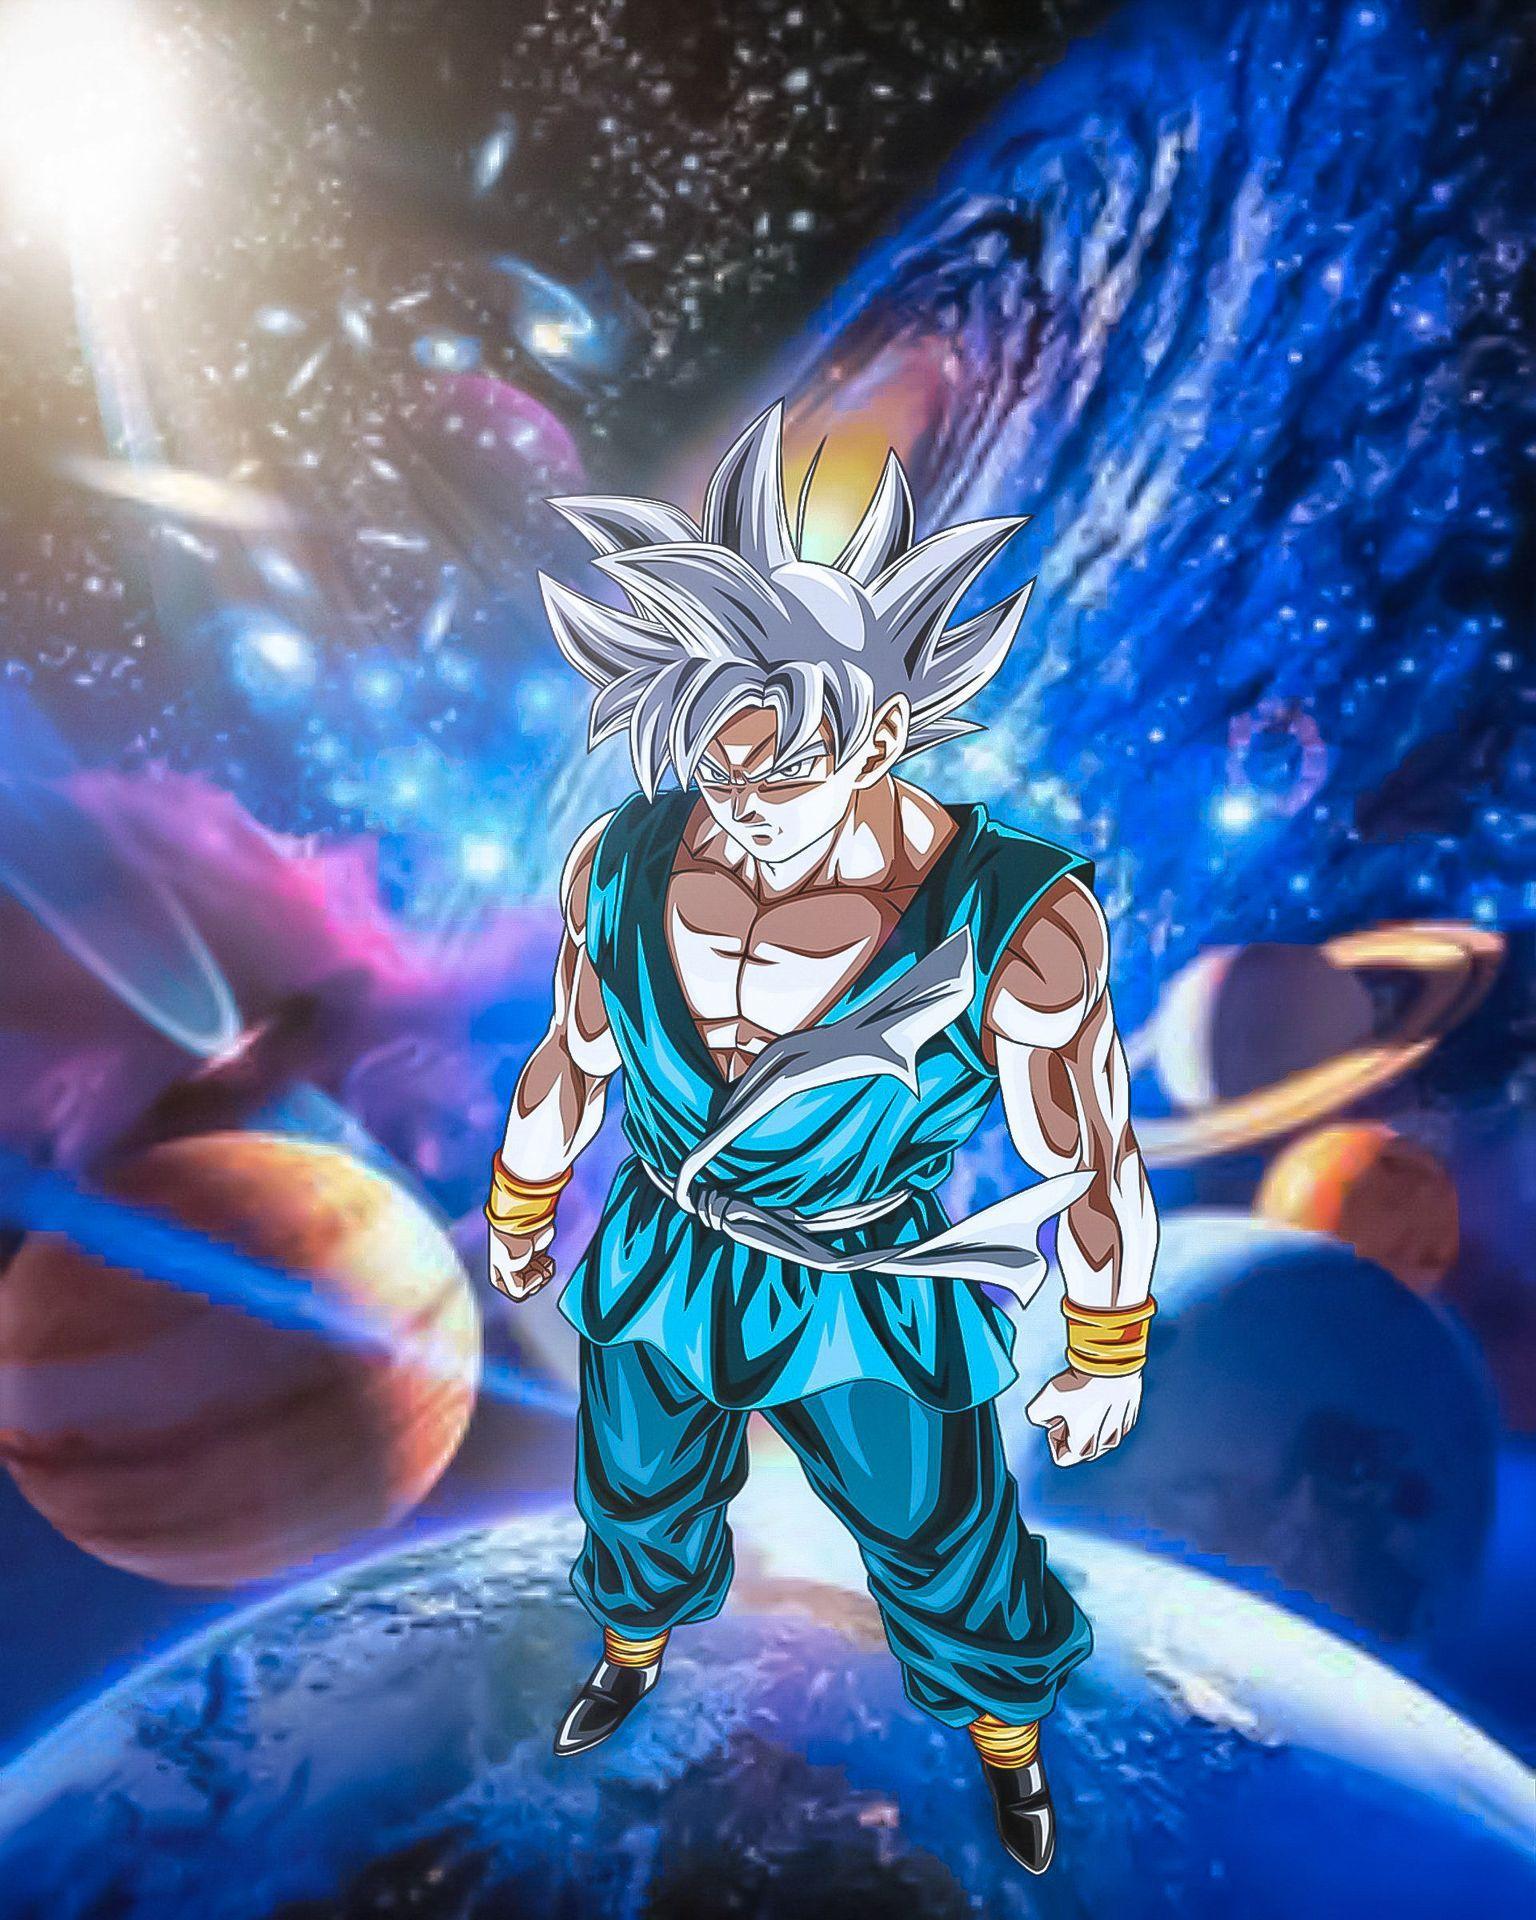 Son Goku Dragon Ball Super Manga Anime Dragon Ball Super Dragon Ball Super Goku